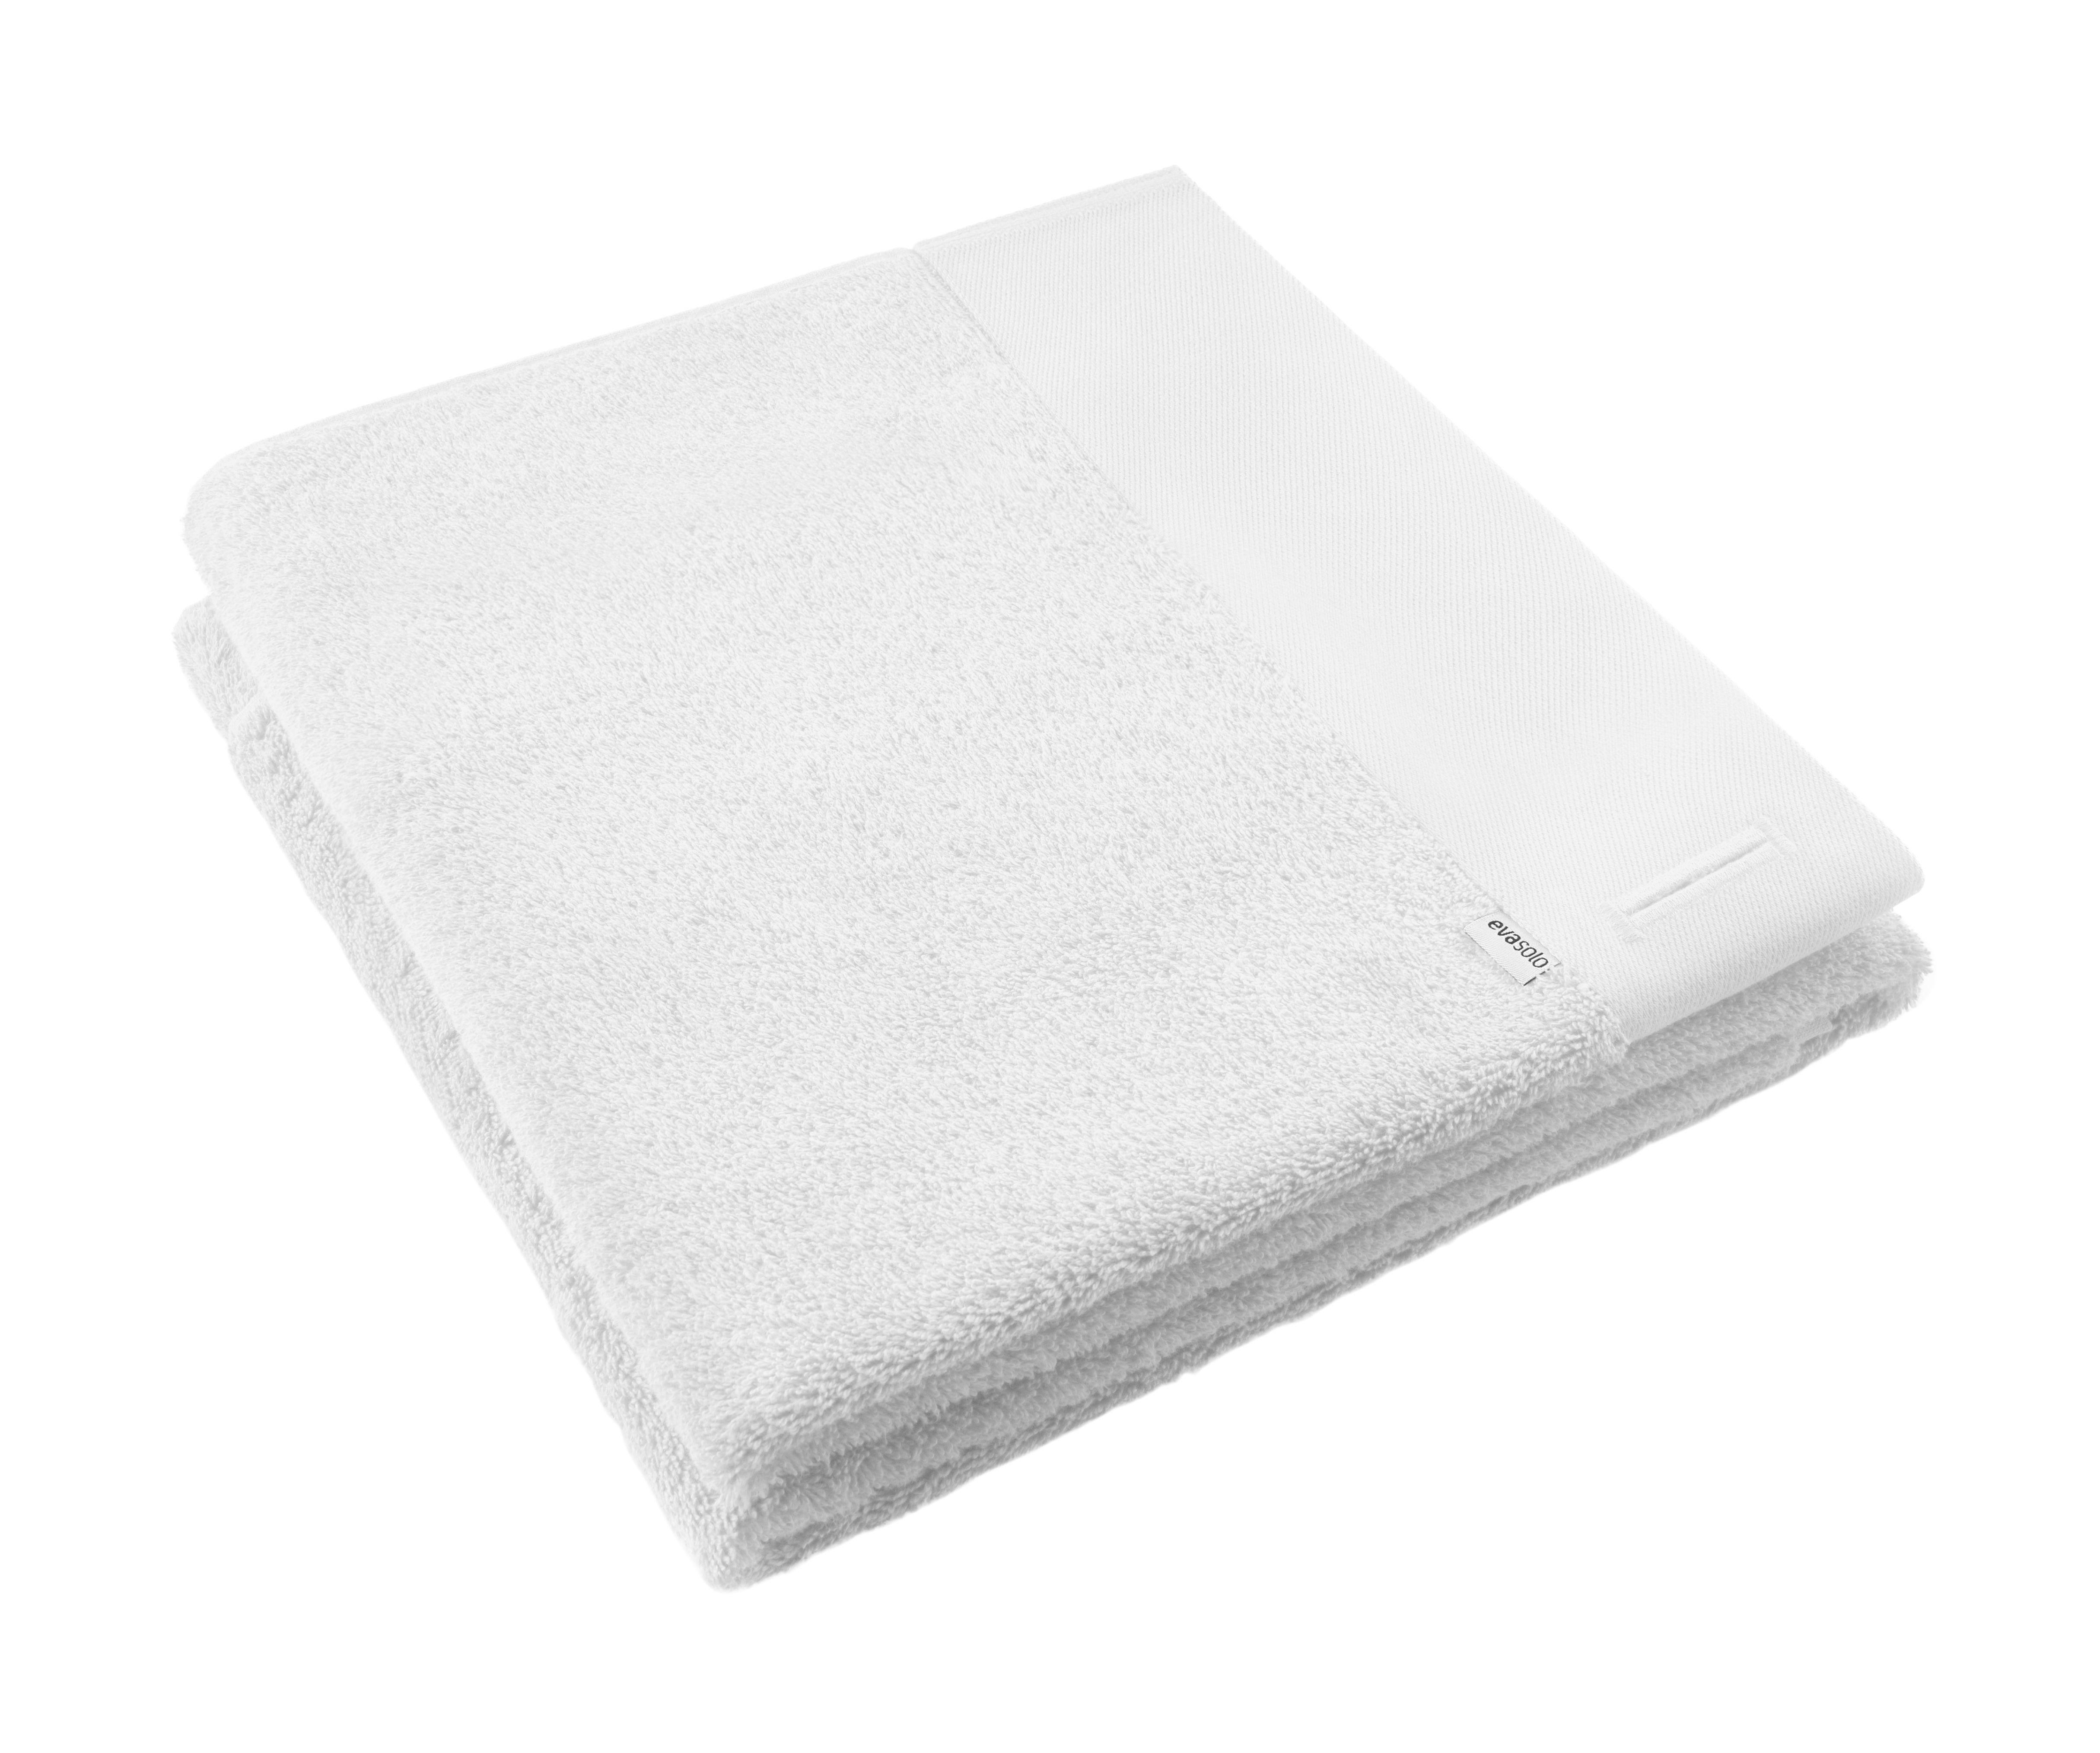 Decoration - Bedding & Bath Towels - Bath towel - / 70 x 140 cm by Eva Solo - White - Cotton